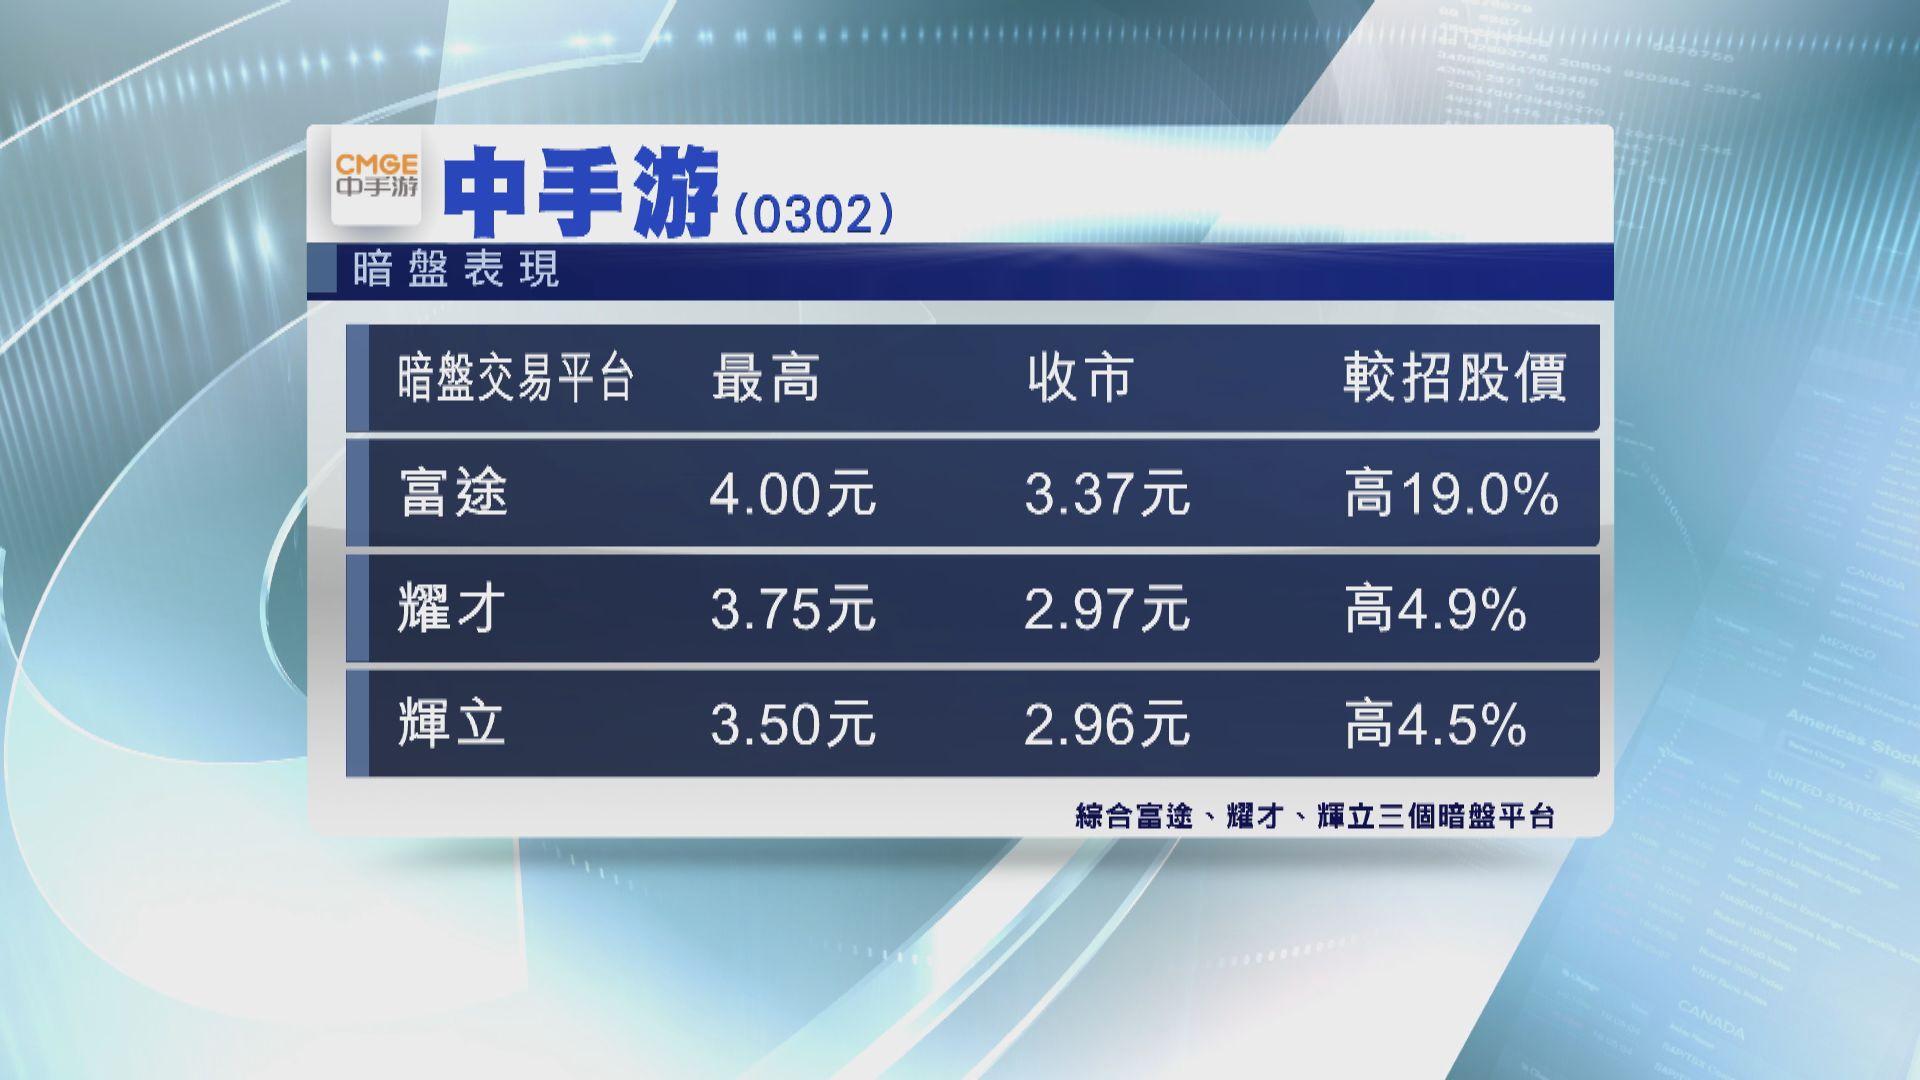 【暗盤表現】中手游科技暗盤較招股價高19%